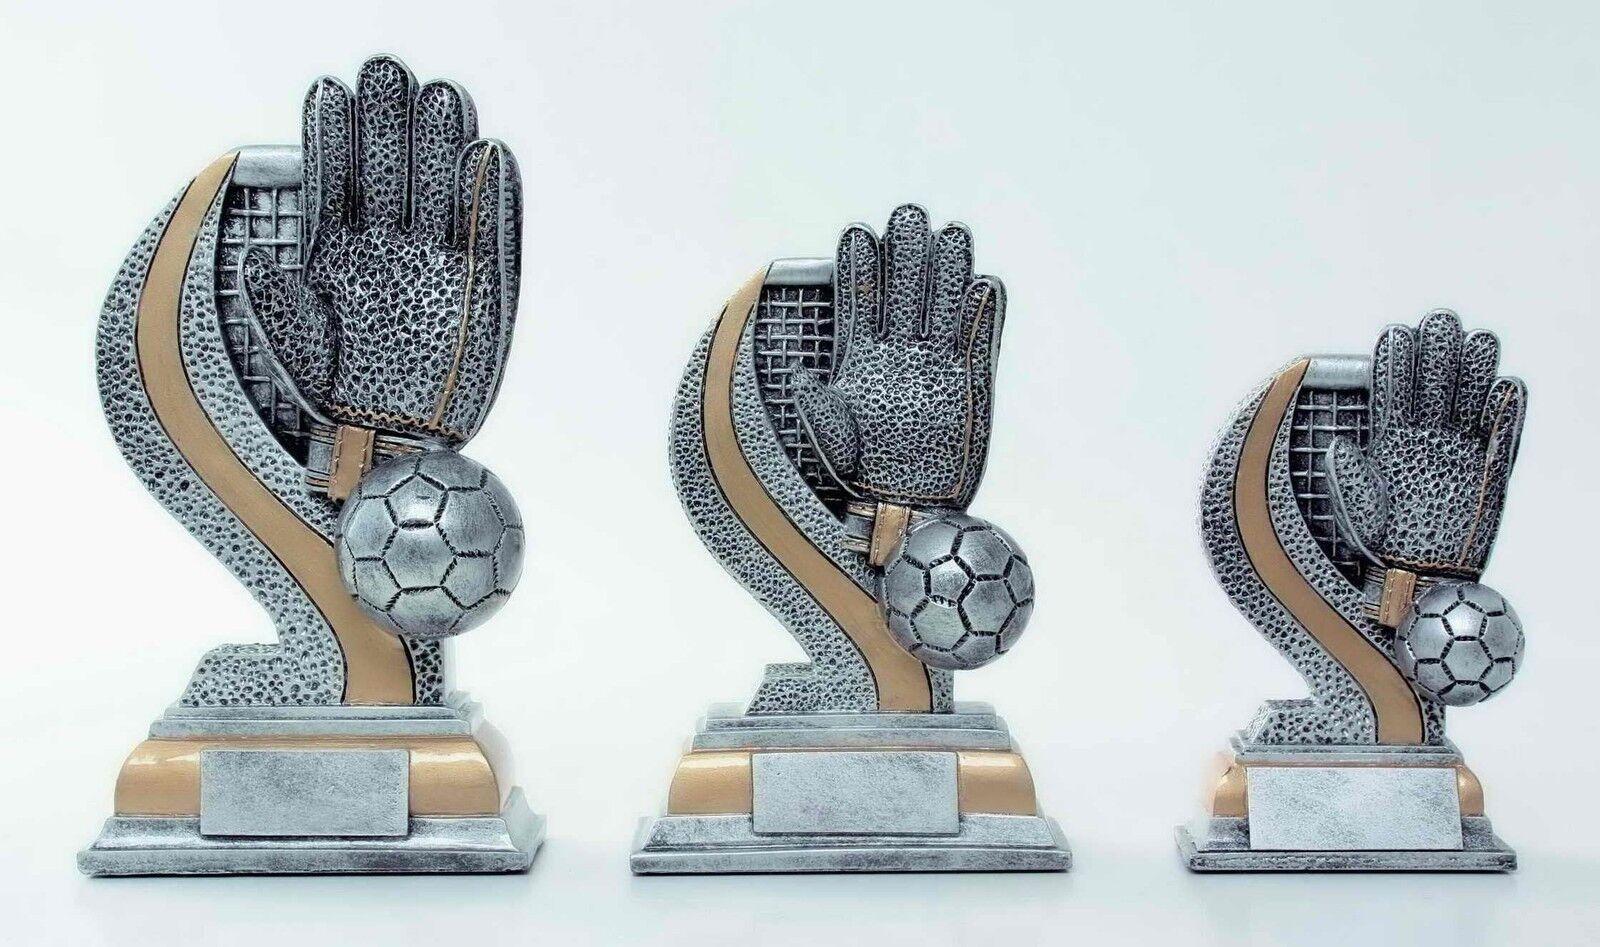 Figuras de fútbol portero 2x3er serie  174 (trofeo trofeos grabado torneo trofeos)